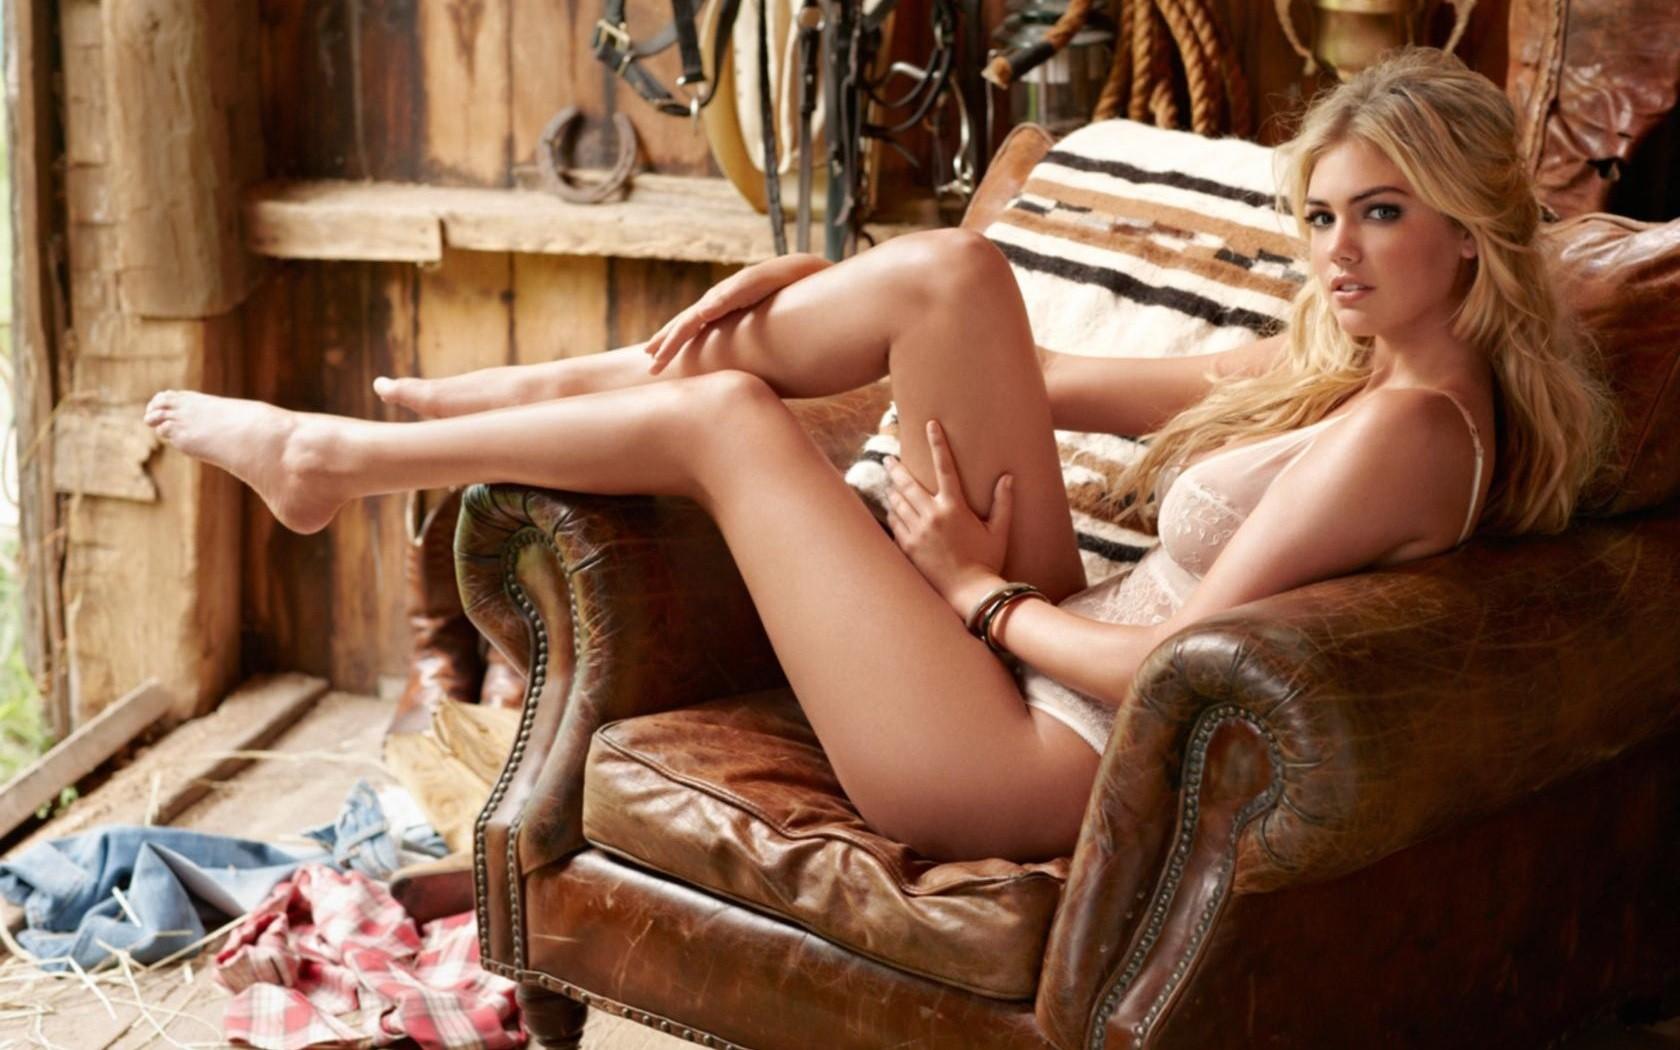 smotret-onlayn-erotika-blondinka